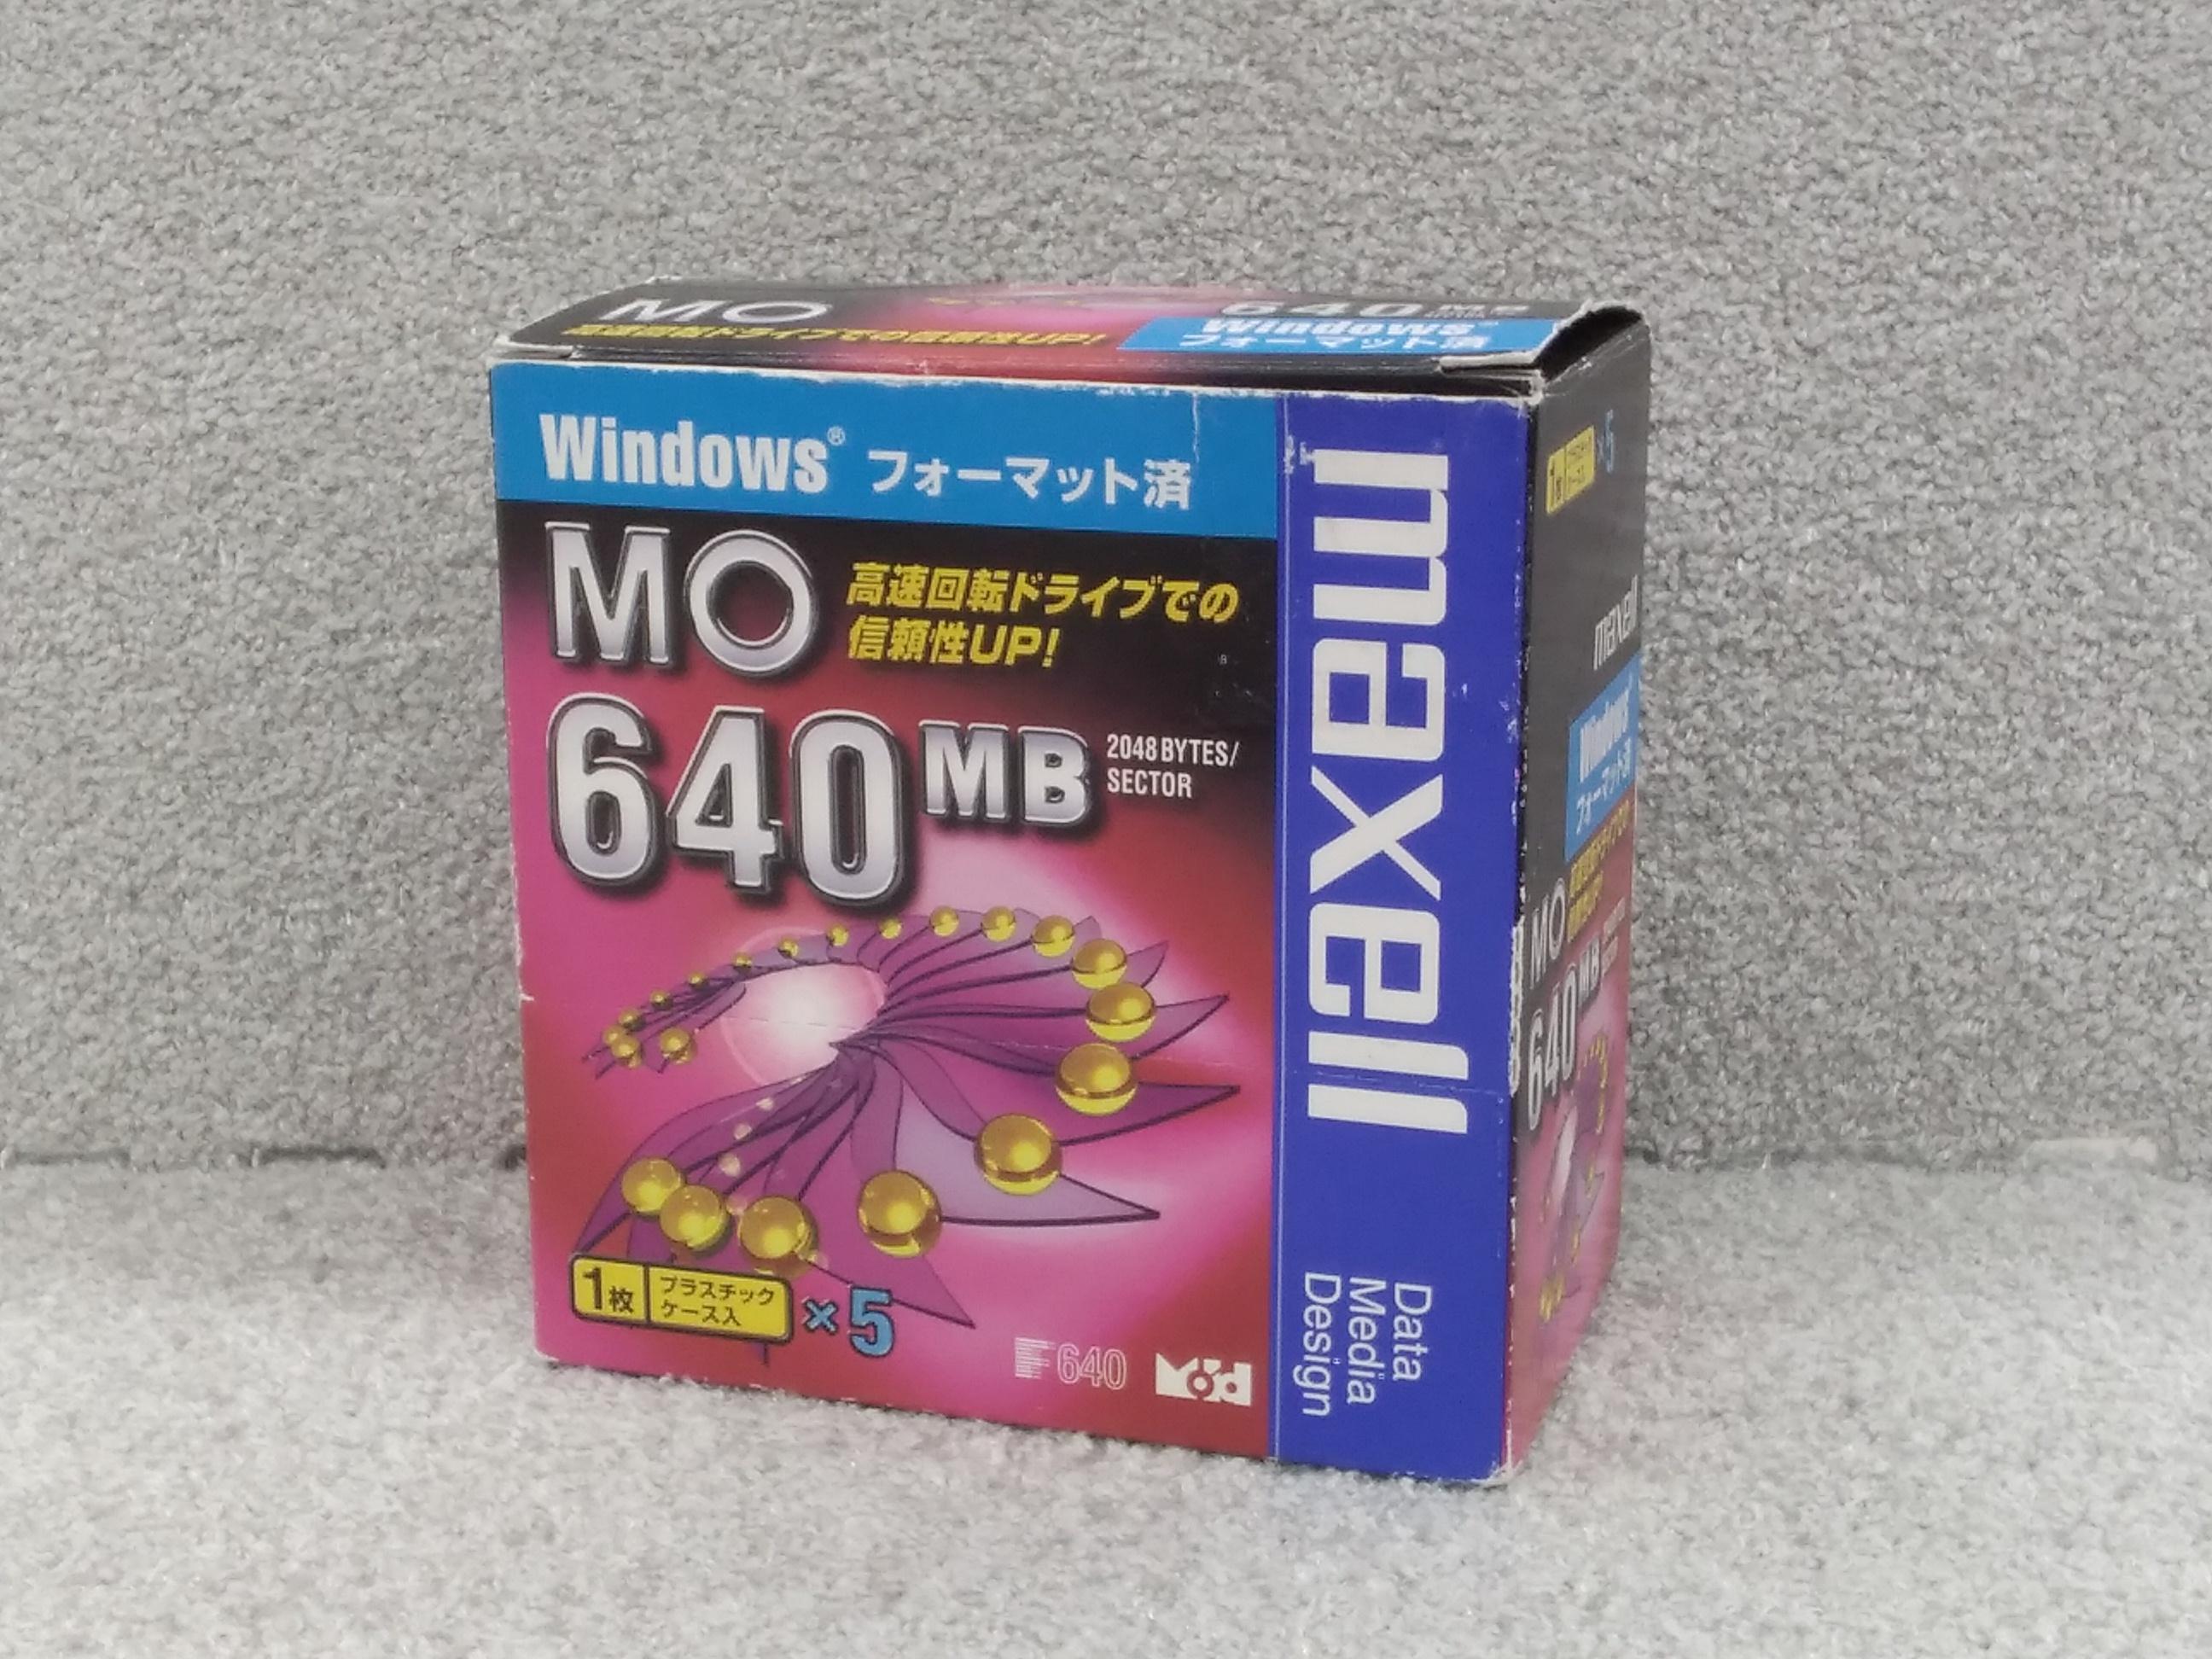 Windowsフォーマット済MOディスク640MB5枚箱|MAXELL